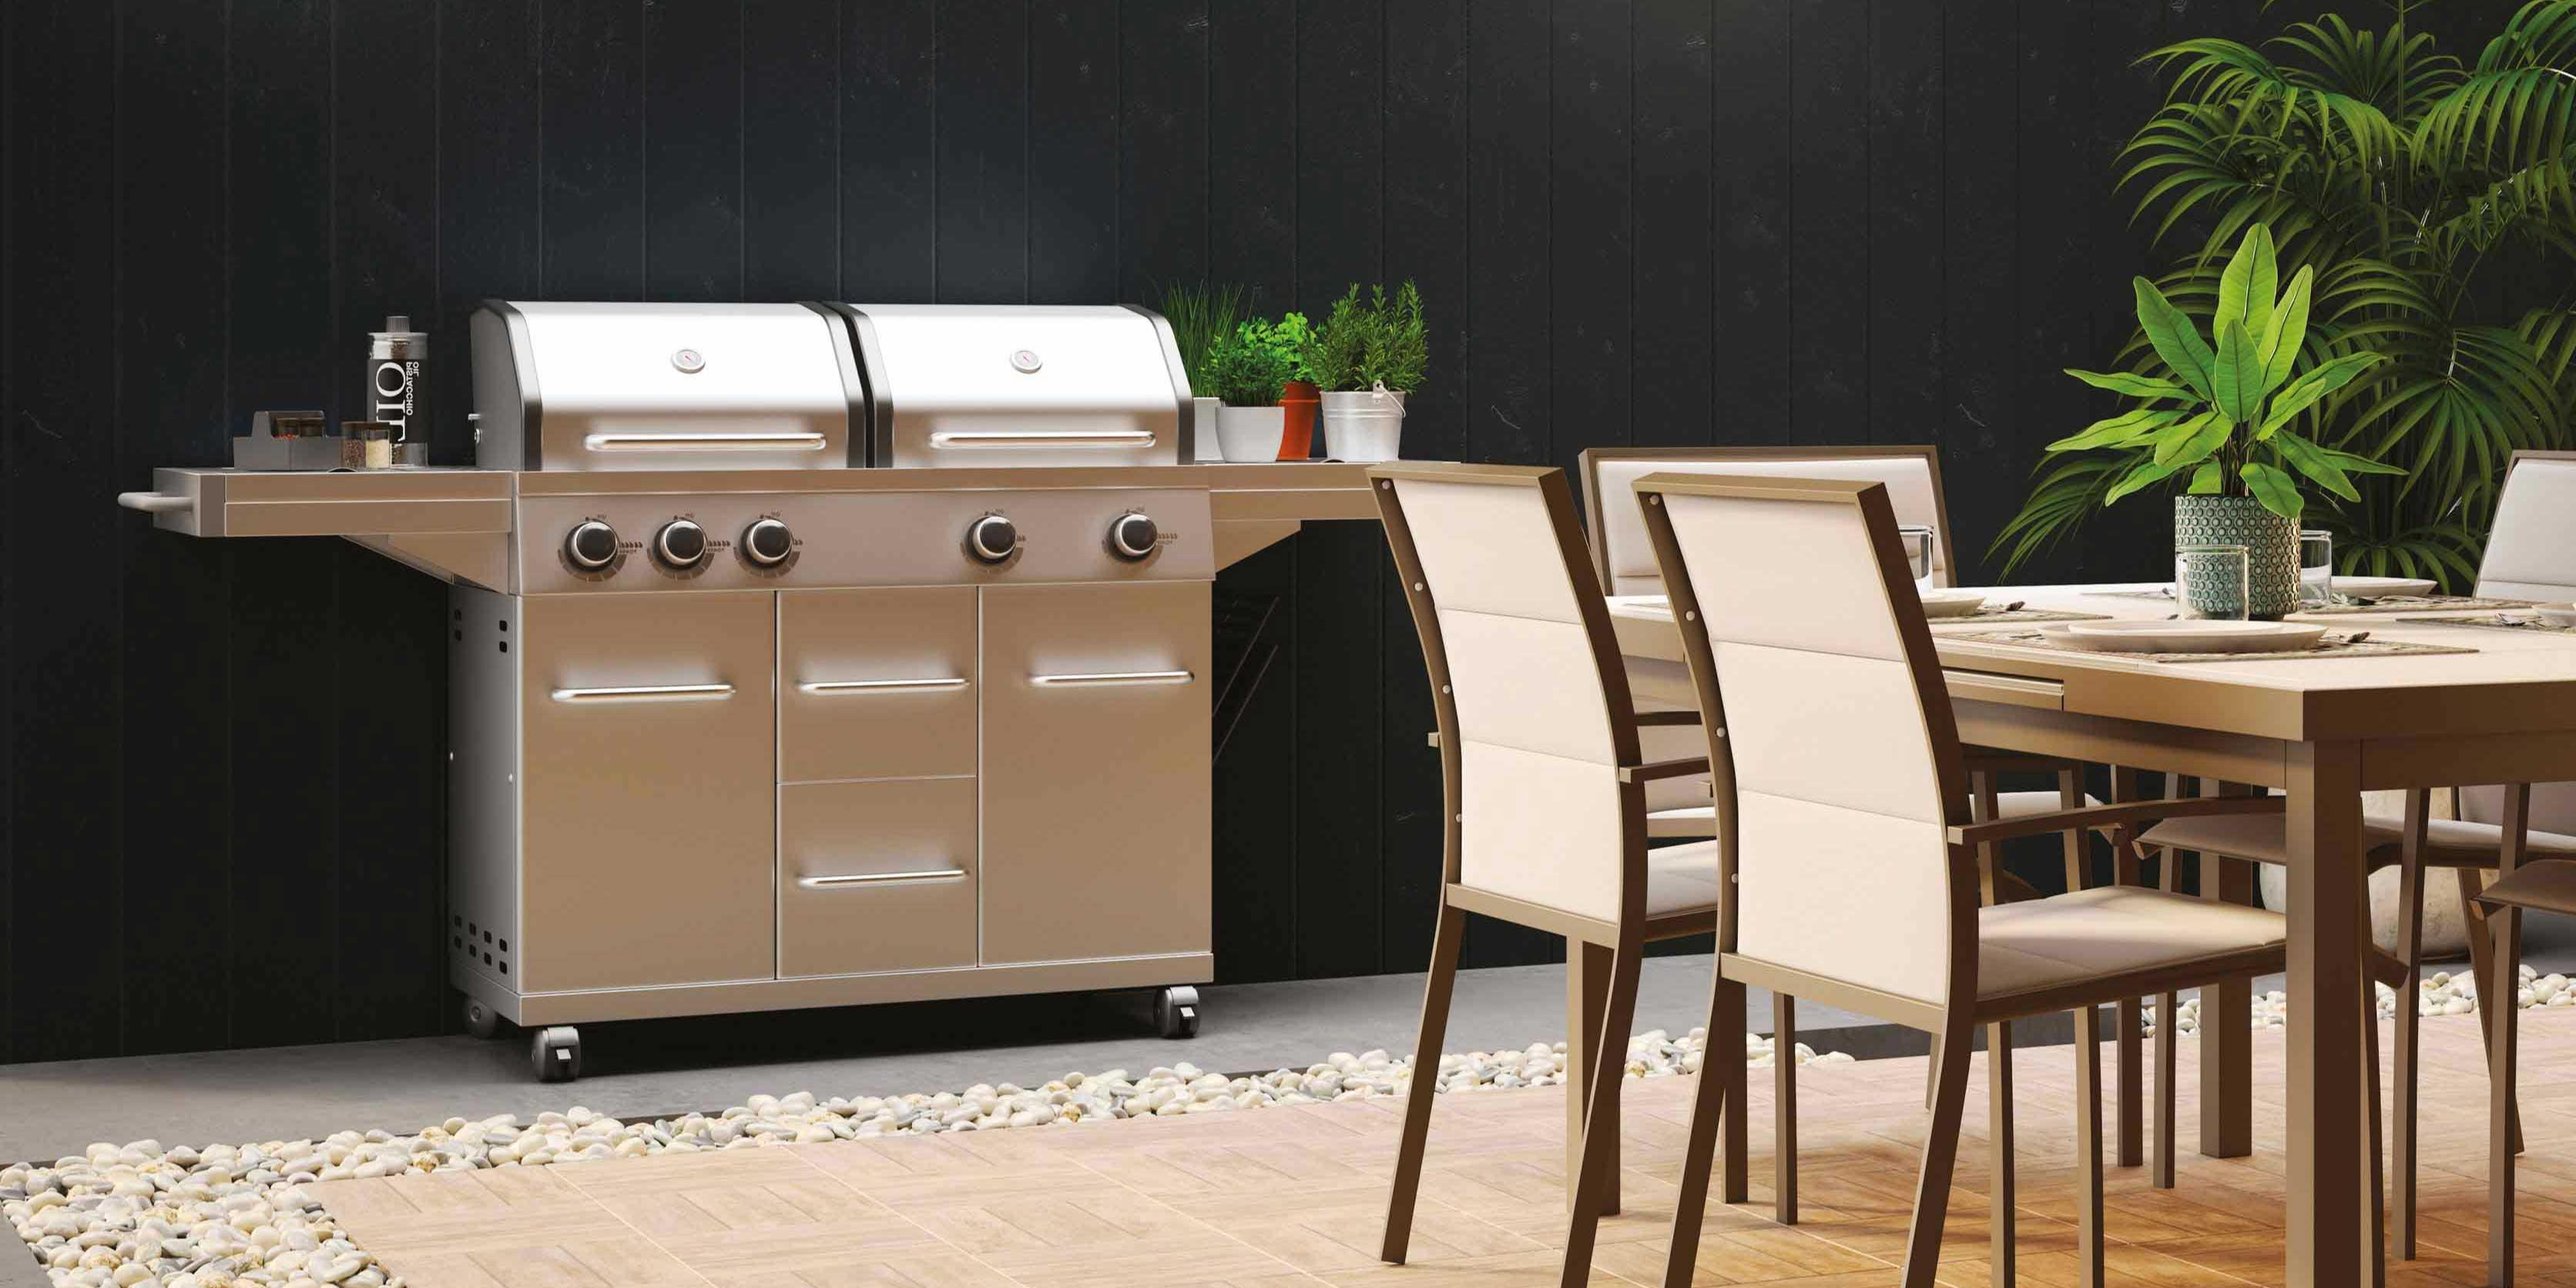 Cucina In Muratura Per Esterni Con Barbecue | Cucina Da Esterno Con ...